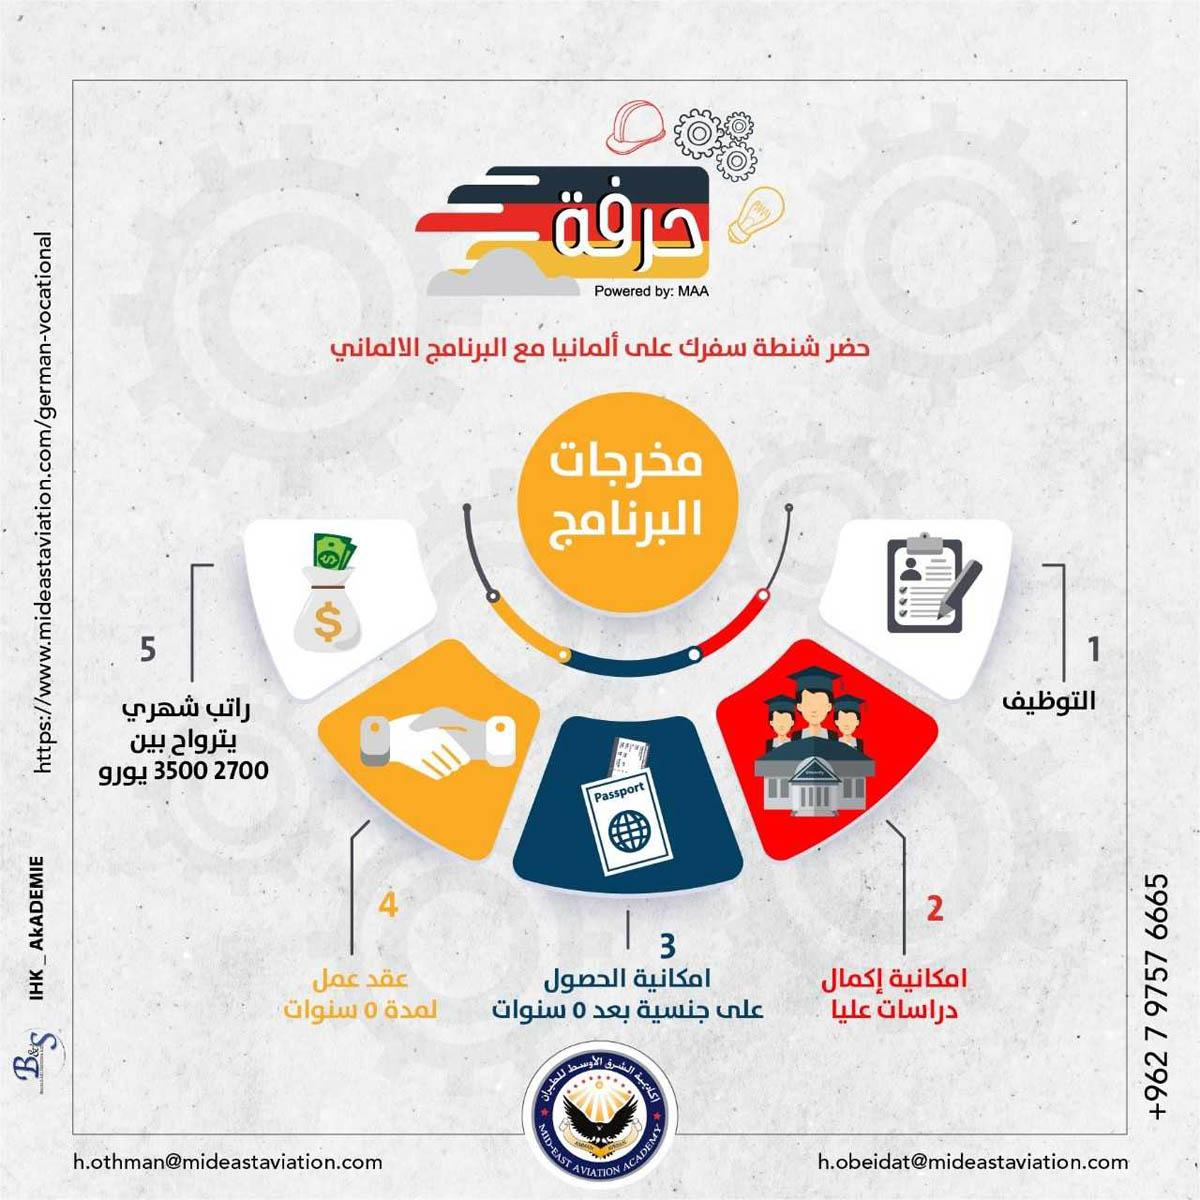 الشرق الأوسط للطيران تطلق برنامجا أكاديميا لتأهيل العمل في ألمانيا